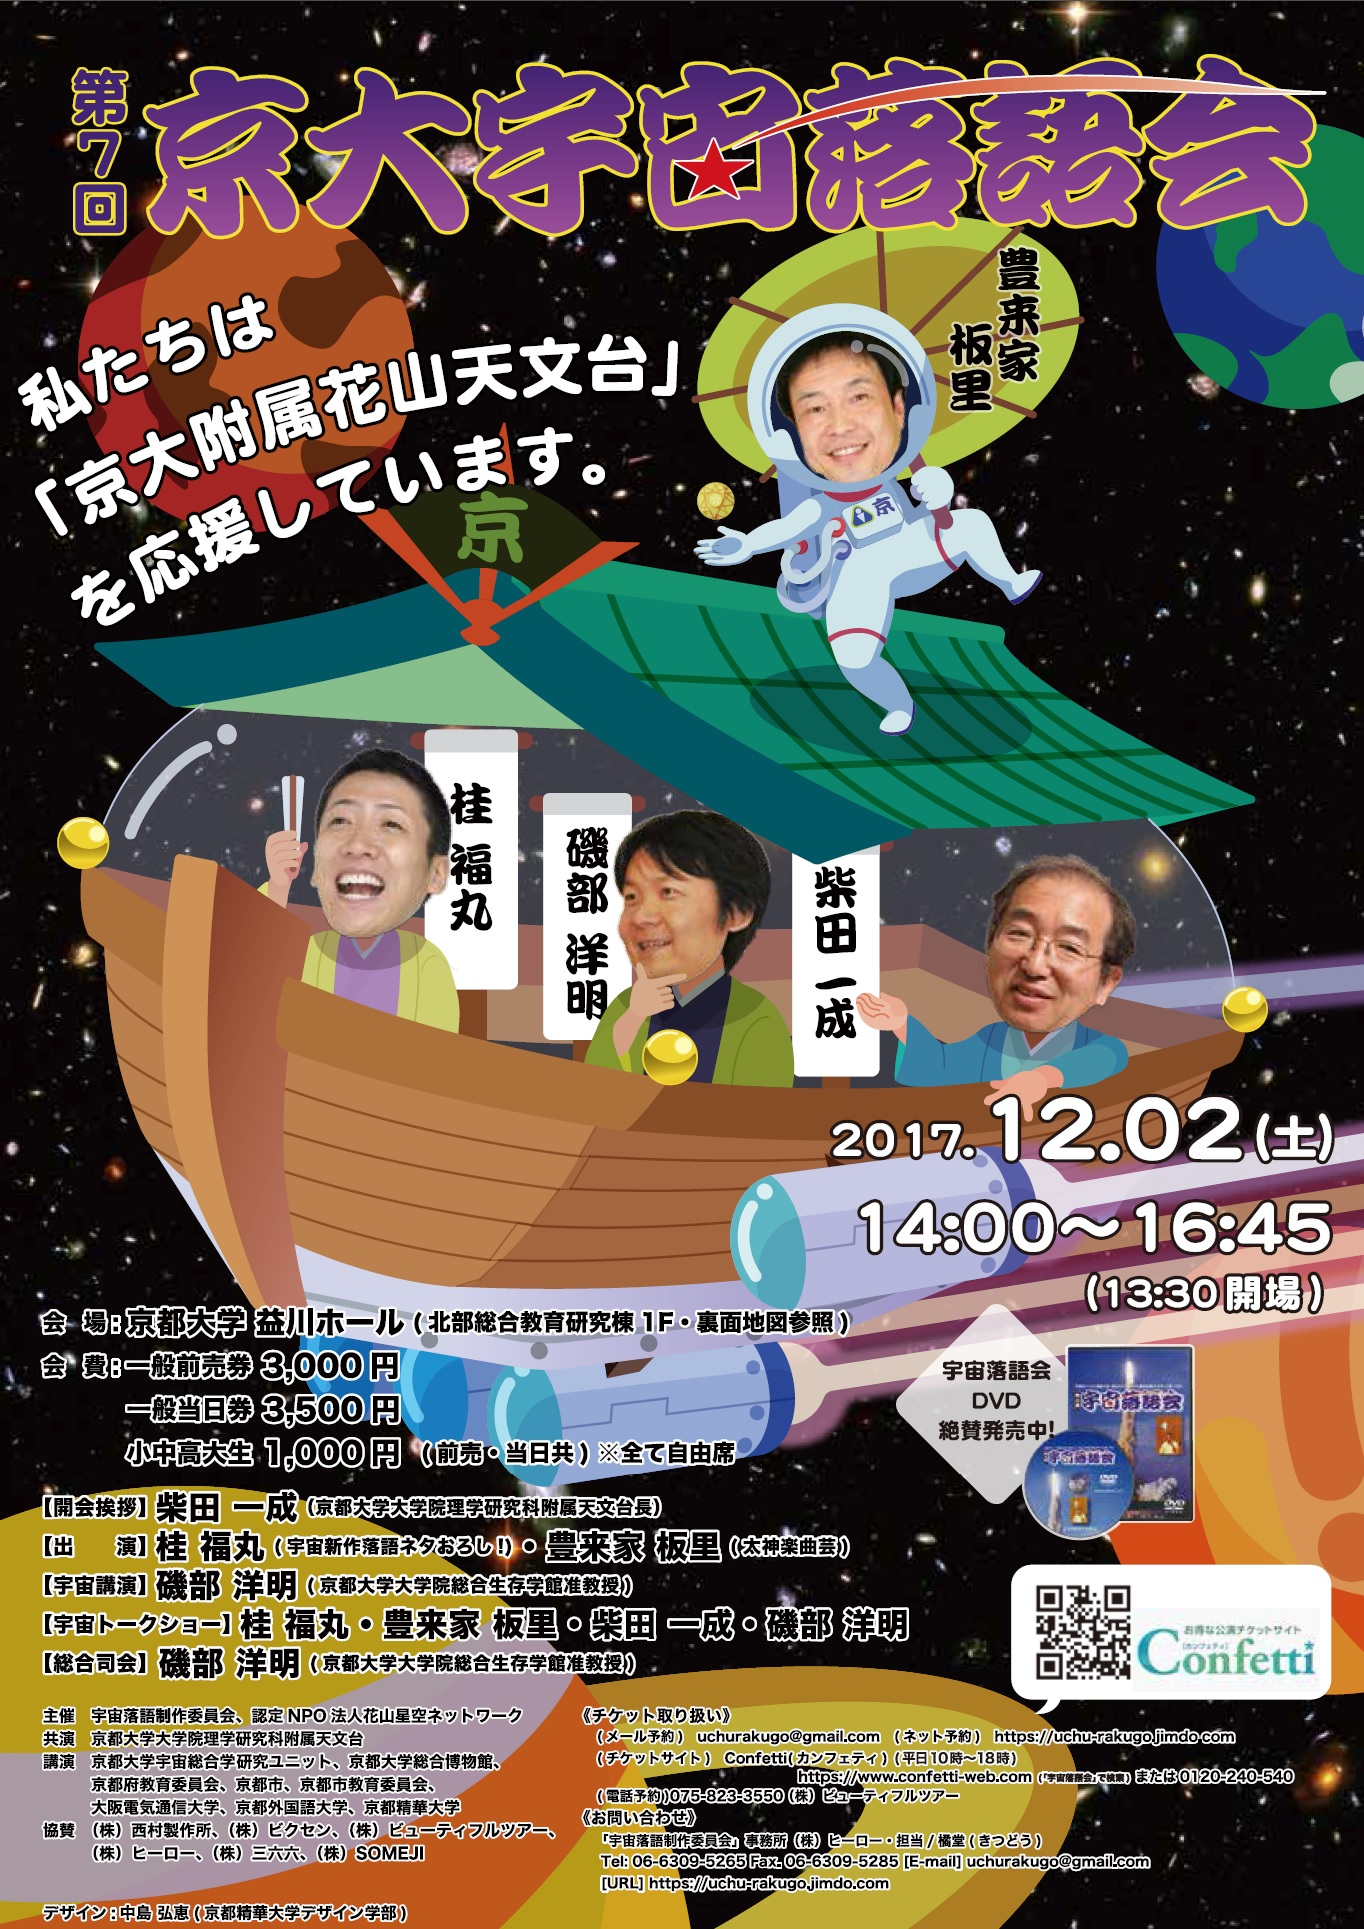 第7回 京大宇宙落語会 ーー 今回のテーマは 「宇宙移住」 です